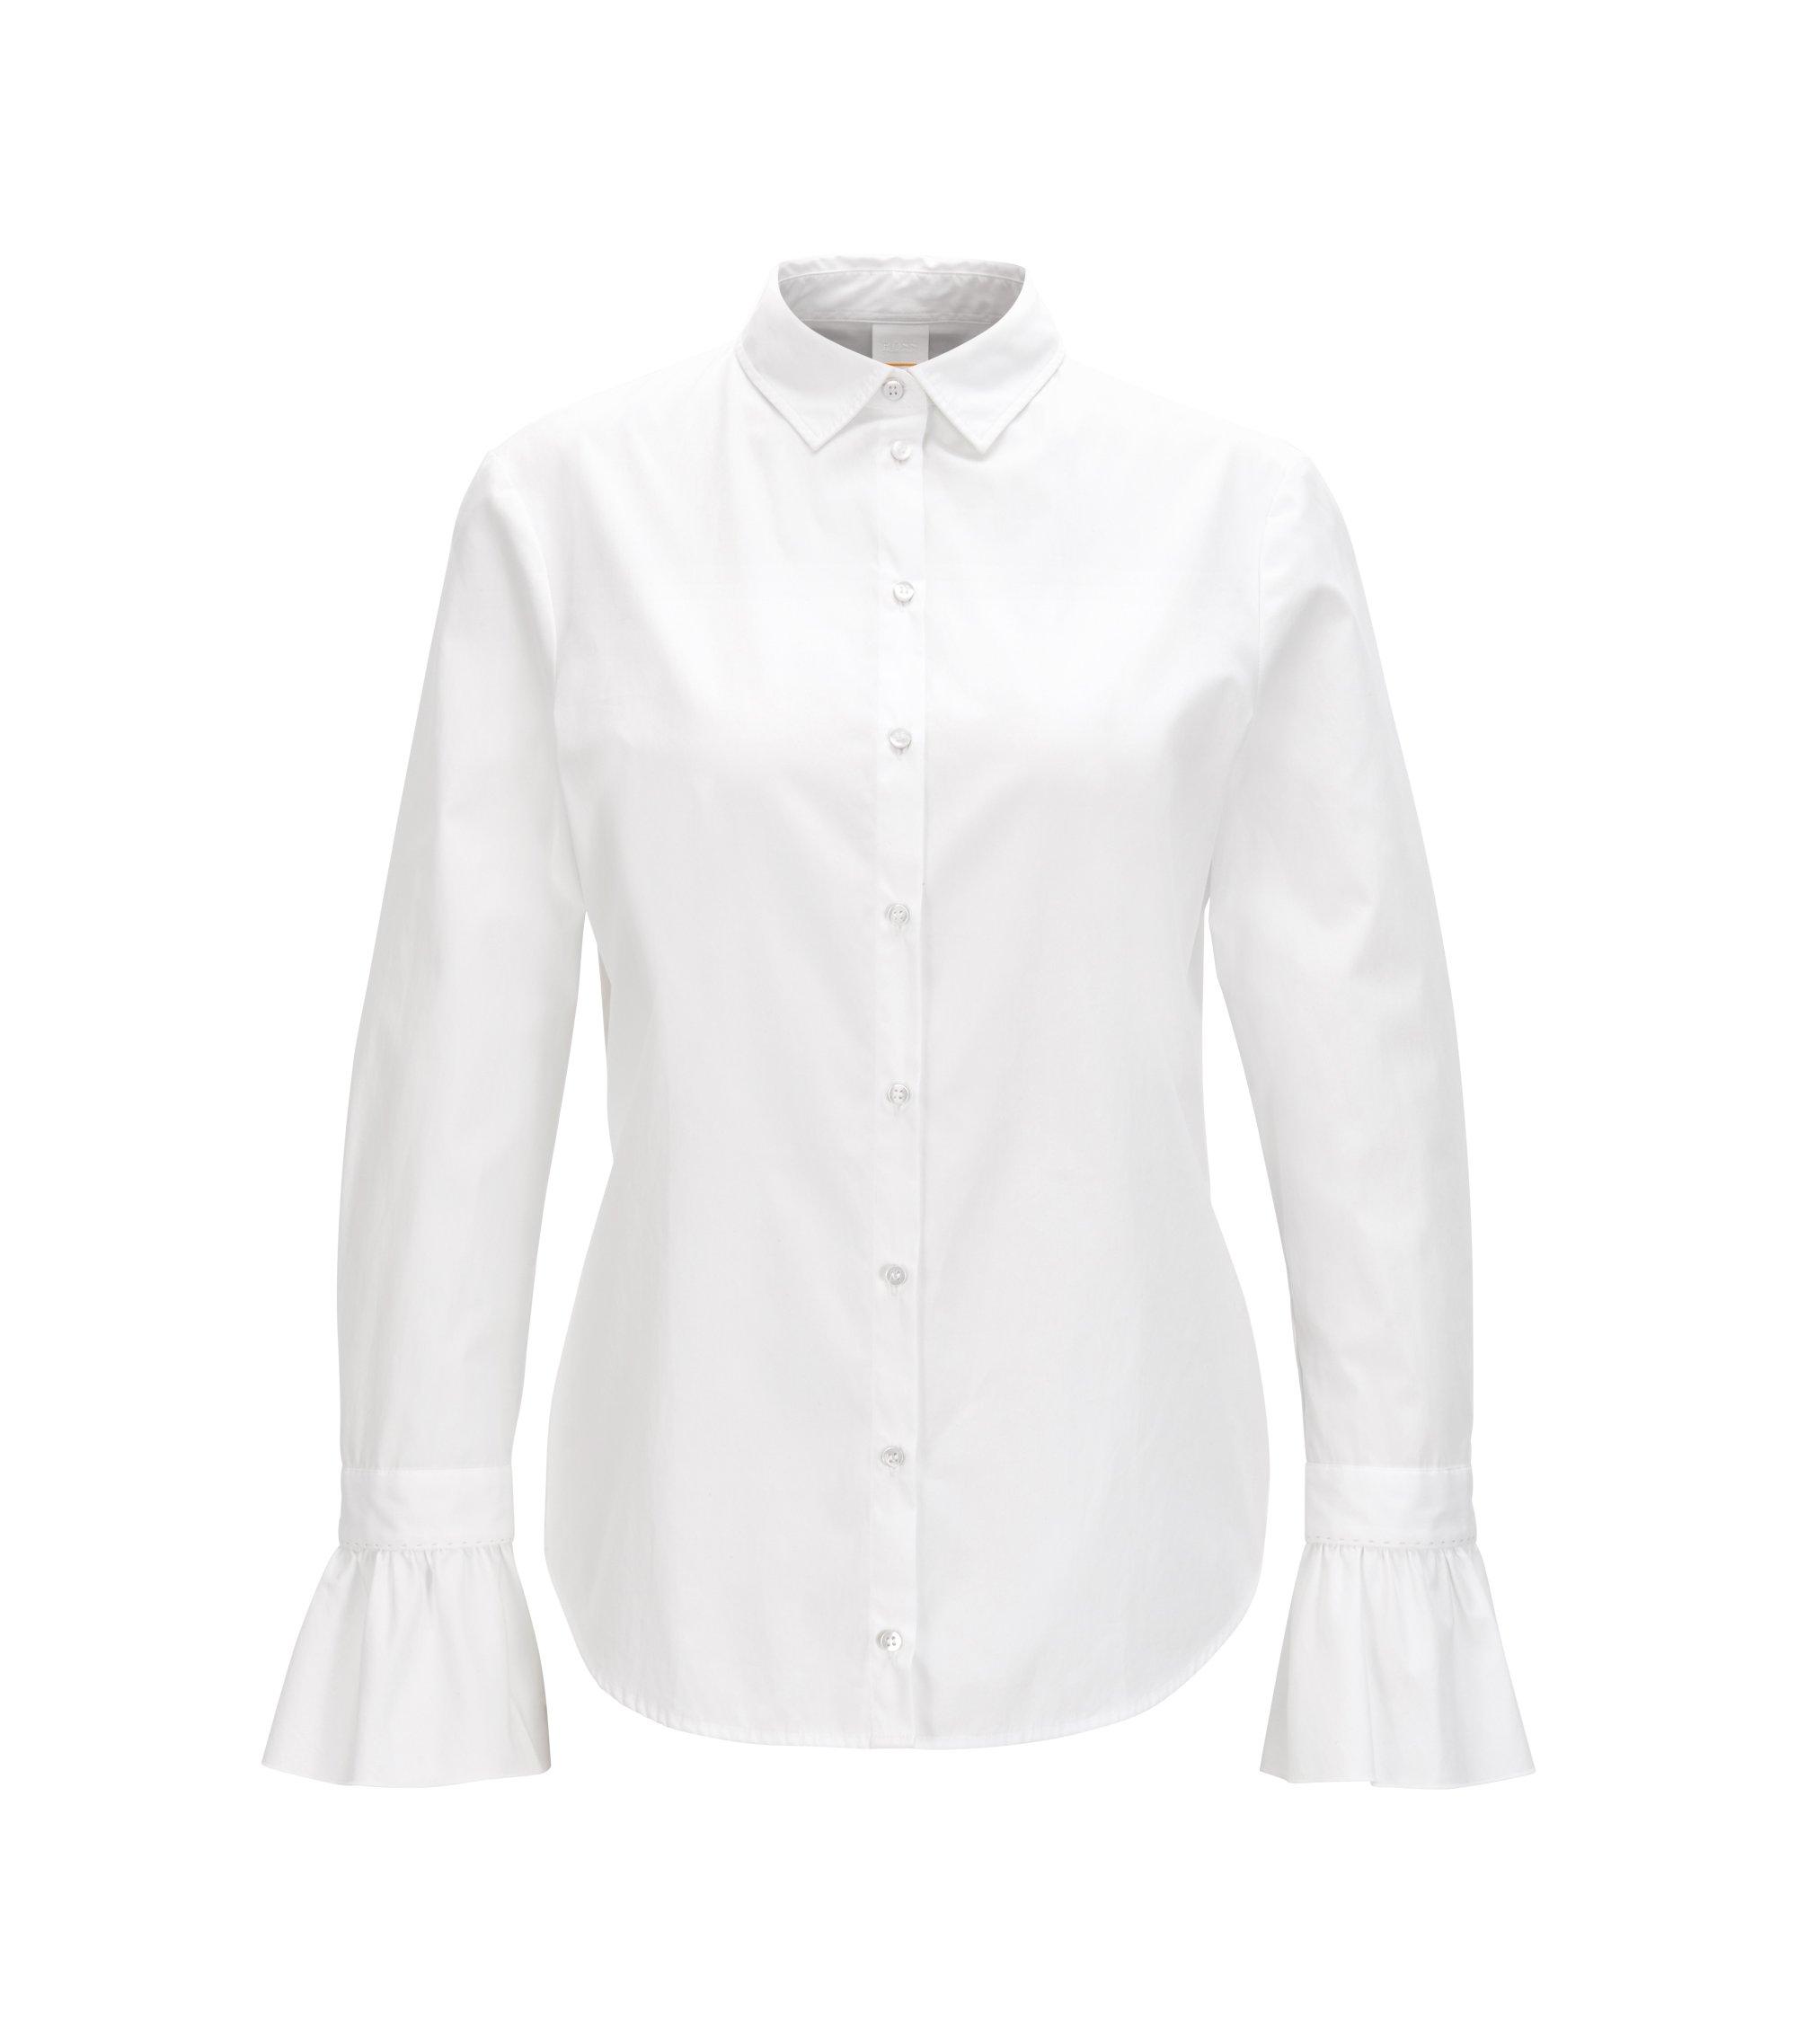 Slim-Fit Bluse aus Baumwoll-Popeline mit gerüschten Manschetten, Weiß